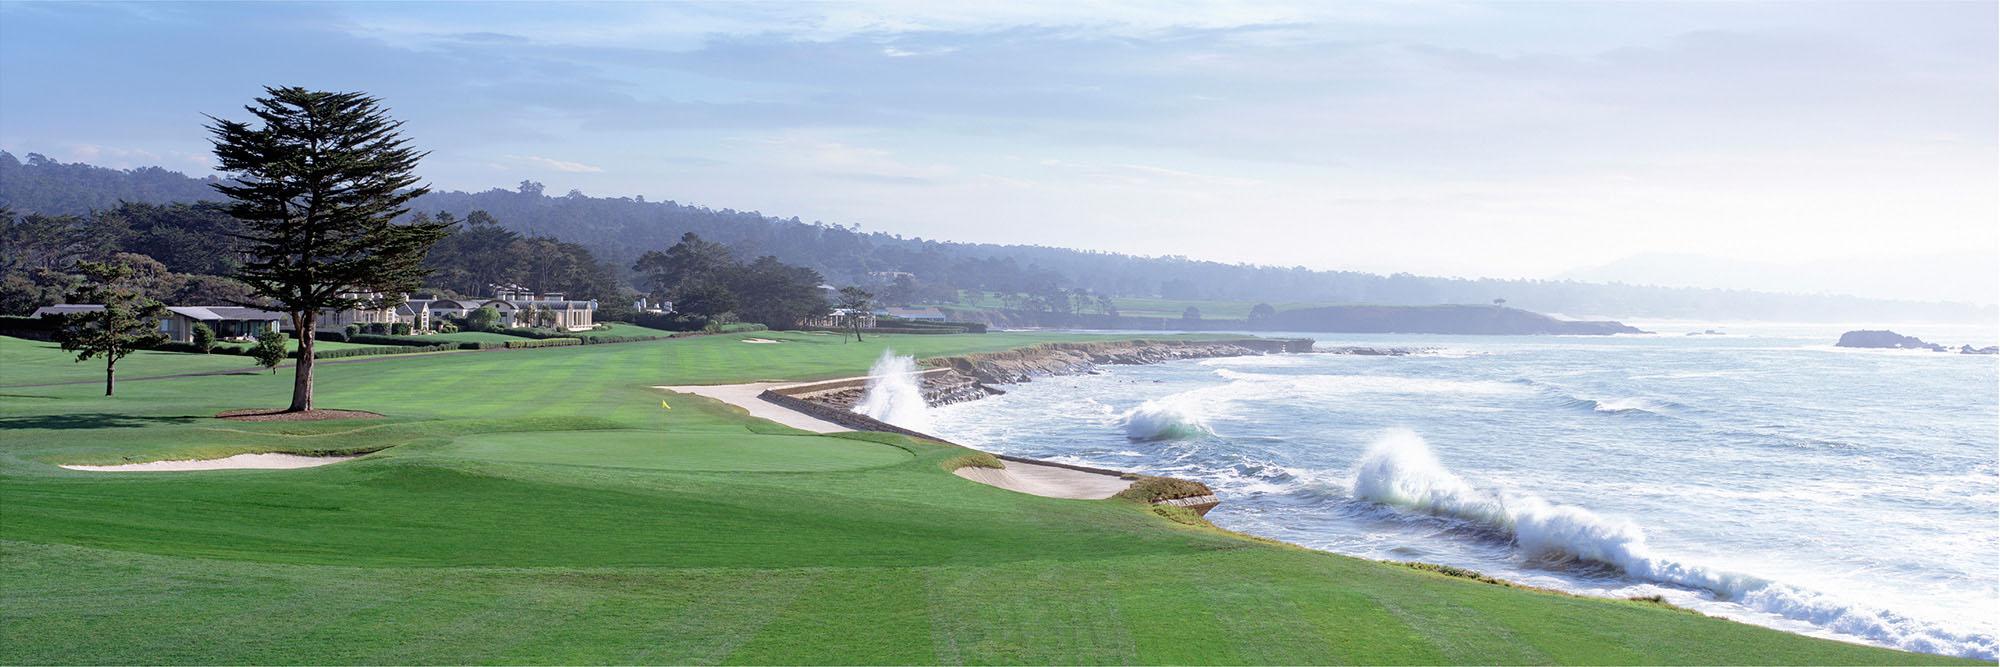 Golf Course Image - Pebble Beach No. 18